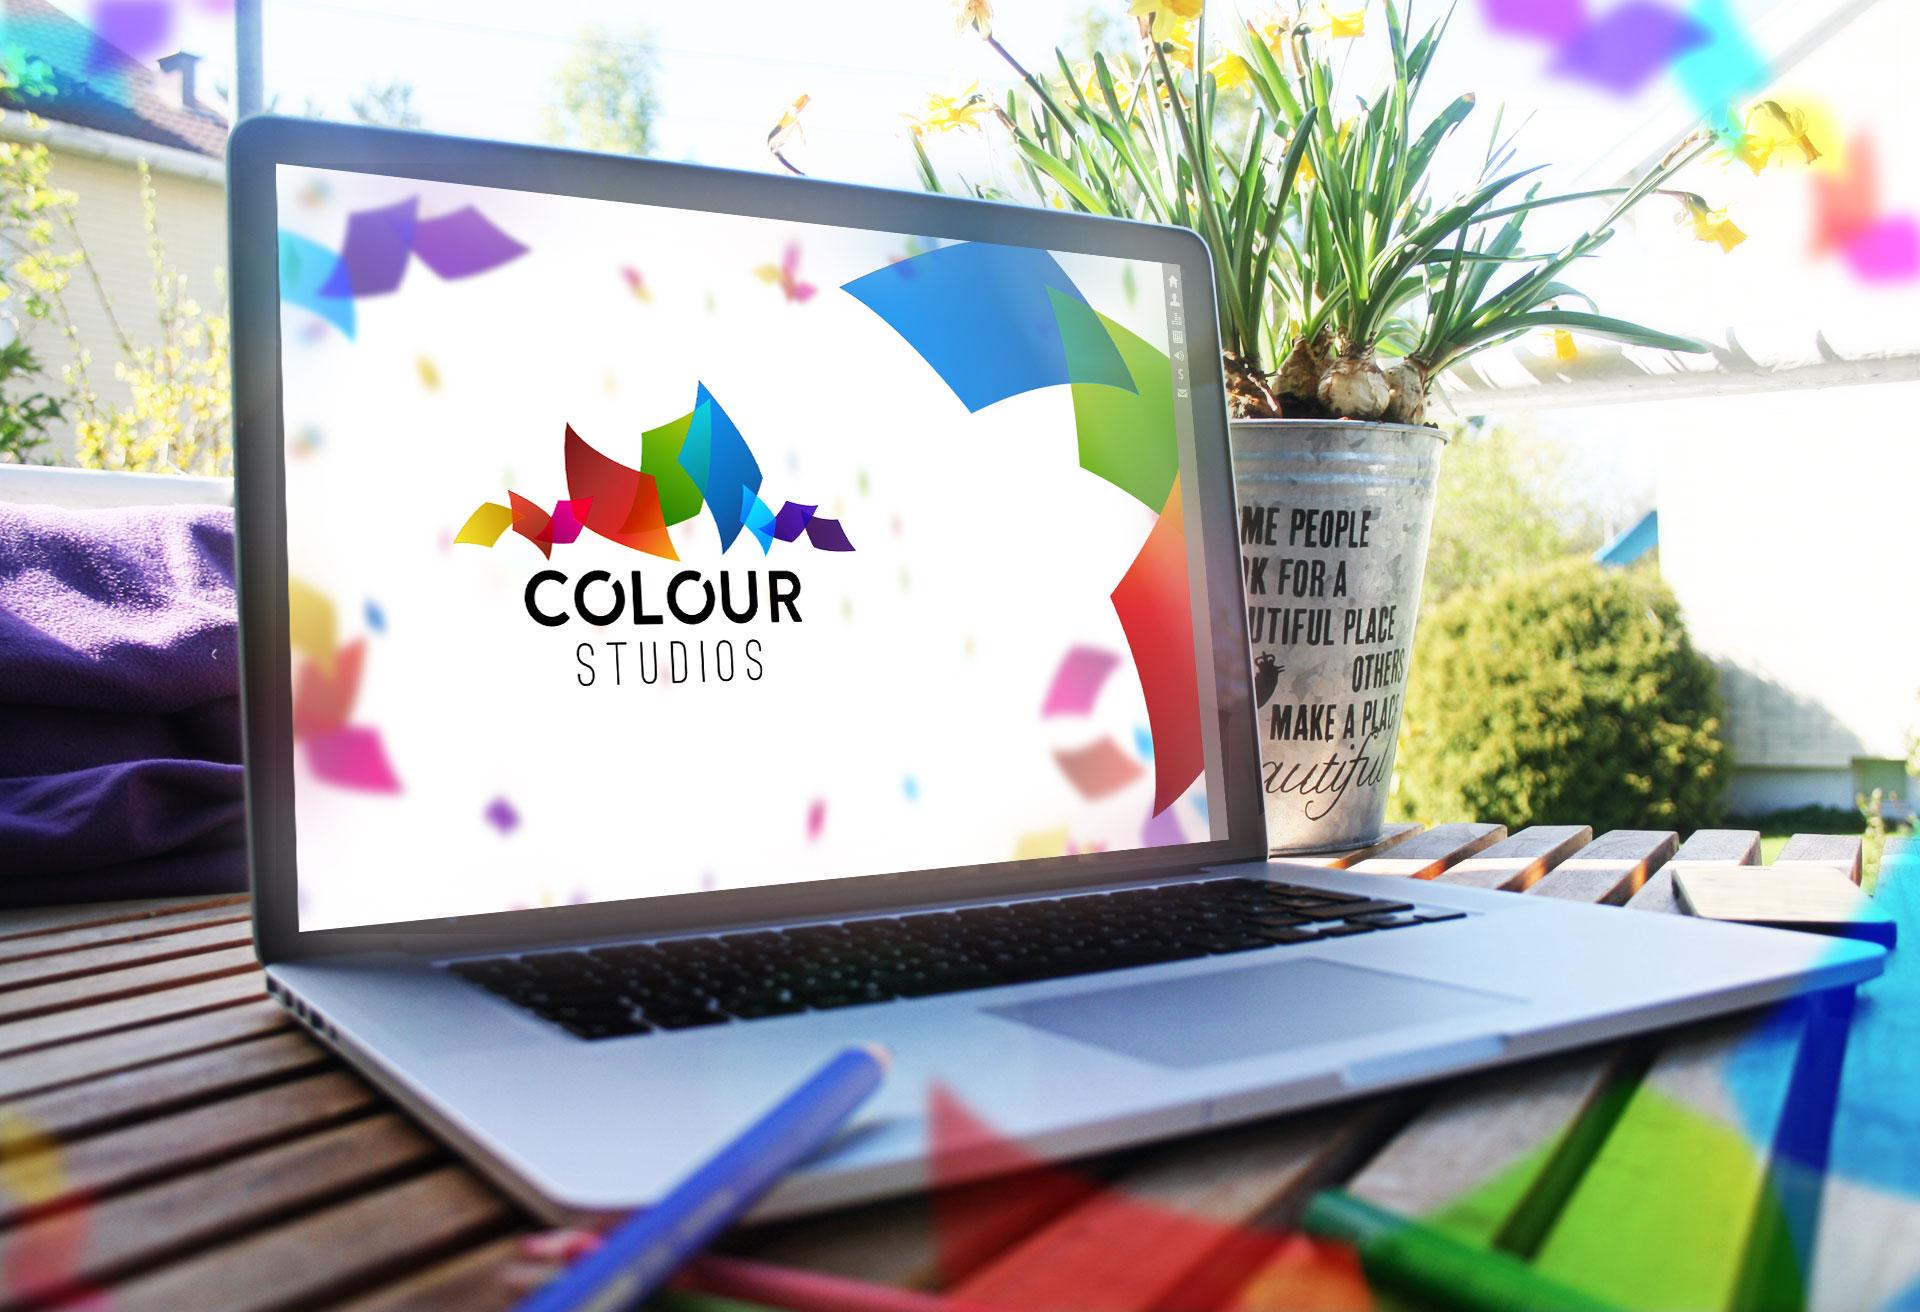 ColourStudios_web_mockup